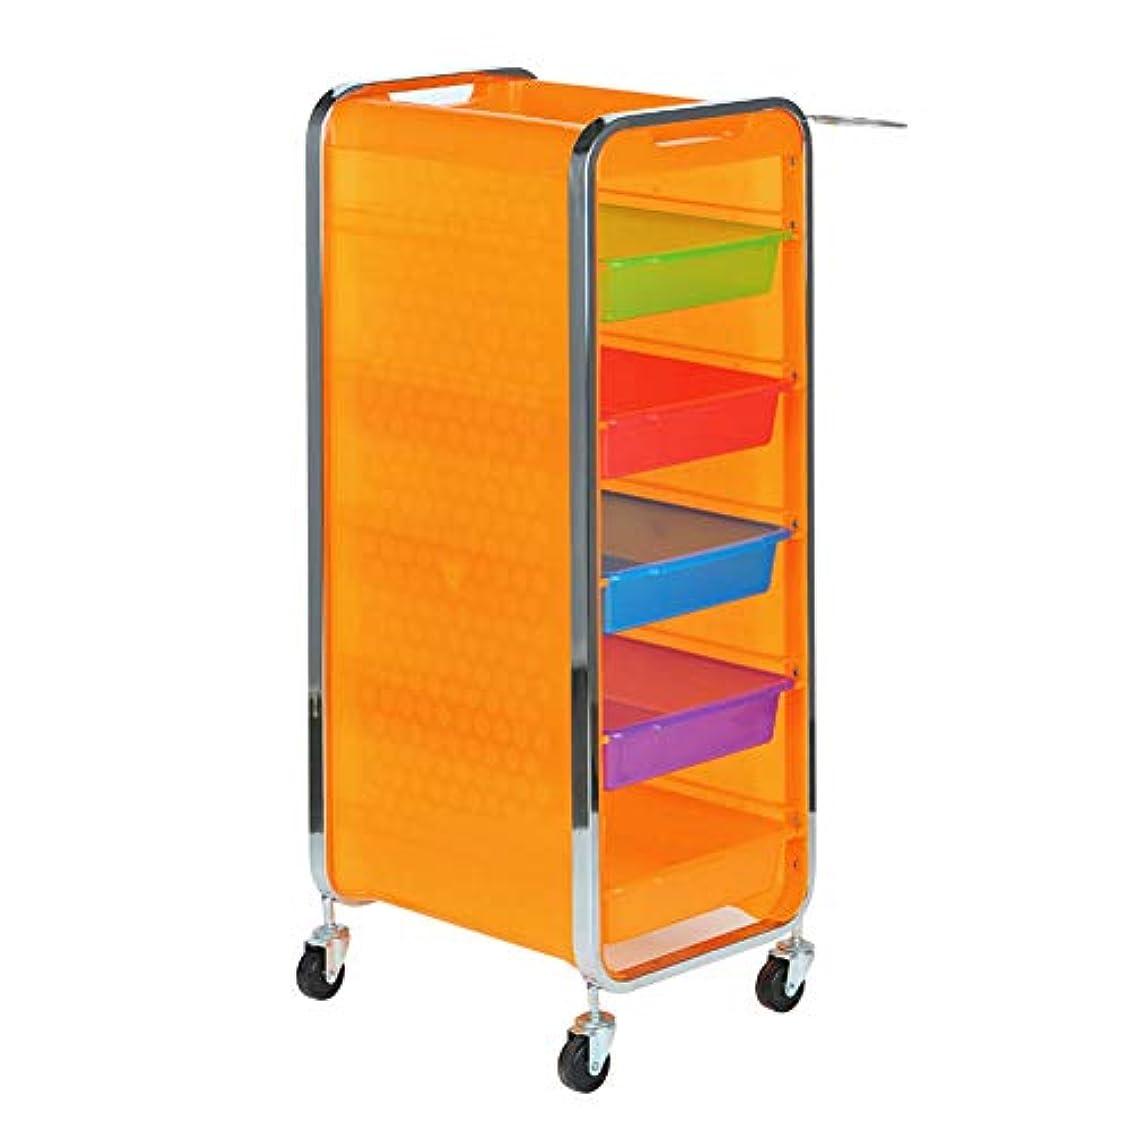 一時停止含意橋脚サロン美容院トロリー美容美容収納カート6層トレイ多機能引き出し虹色,Orange,B